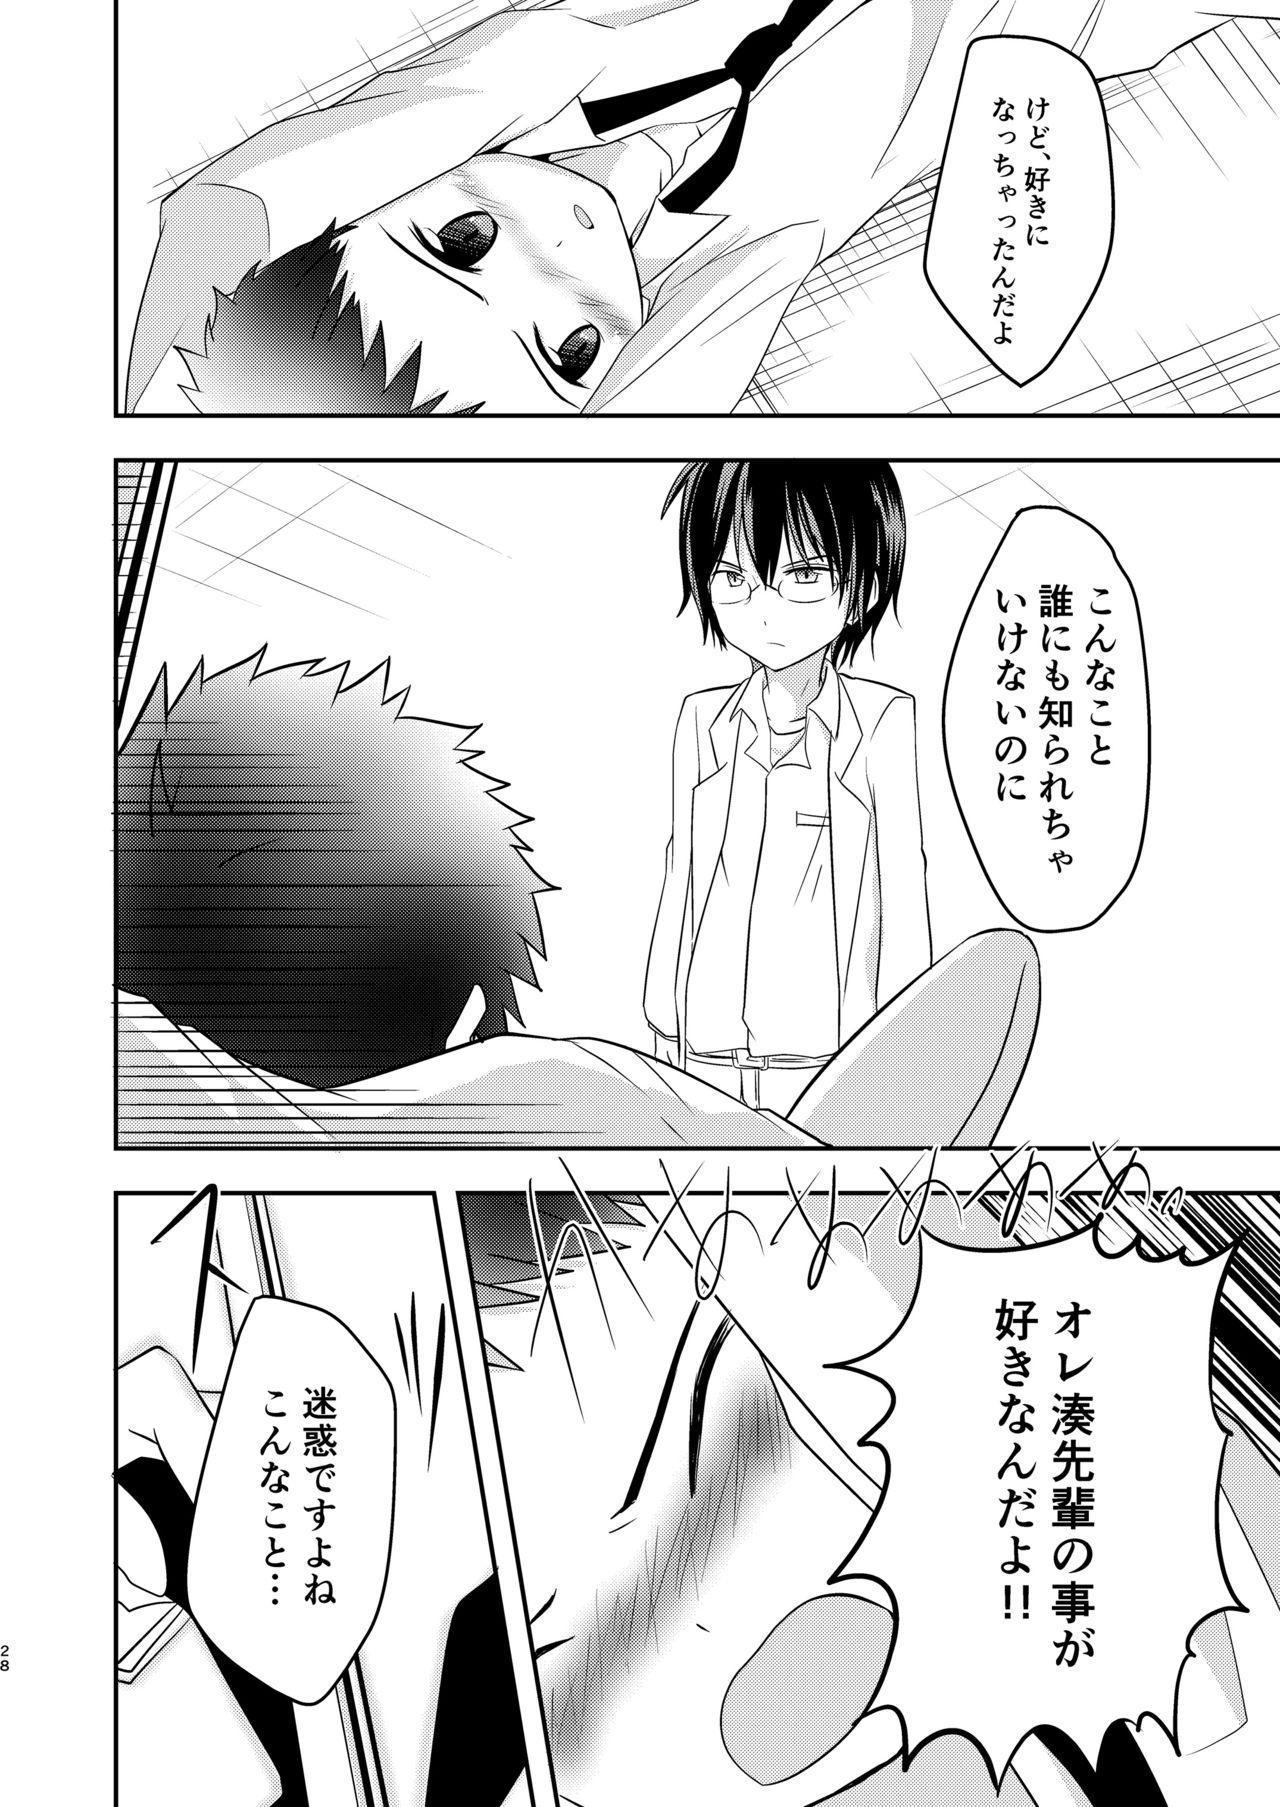 Kichiku Senpai o Yamenaide 27